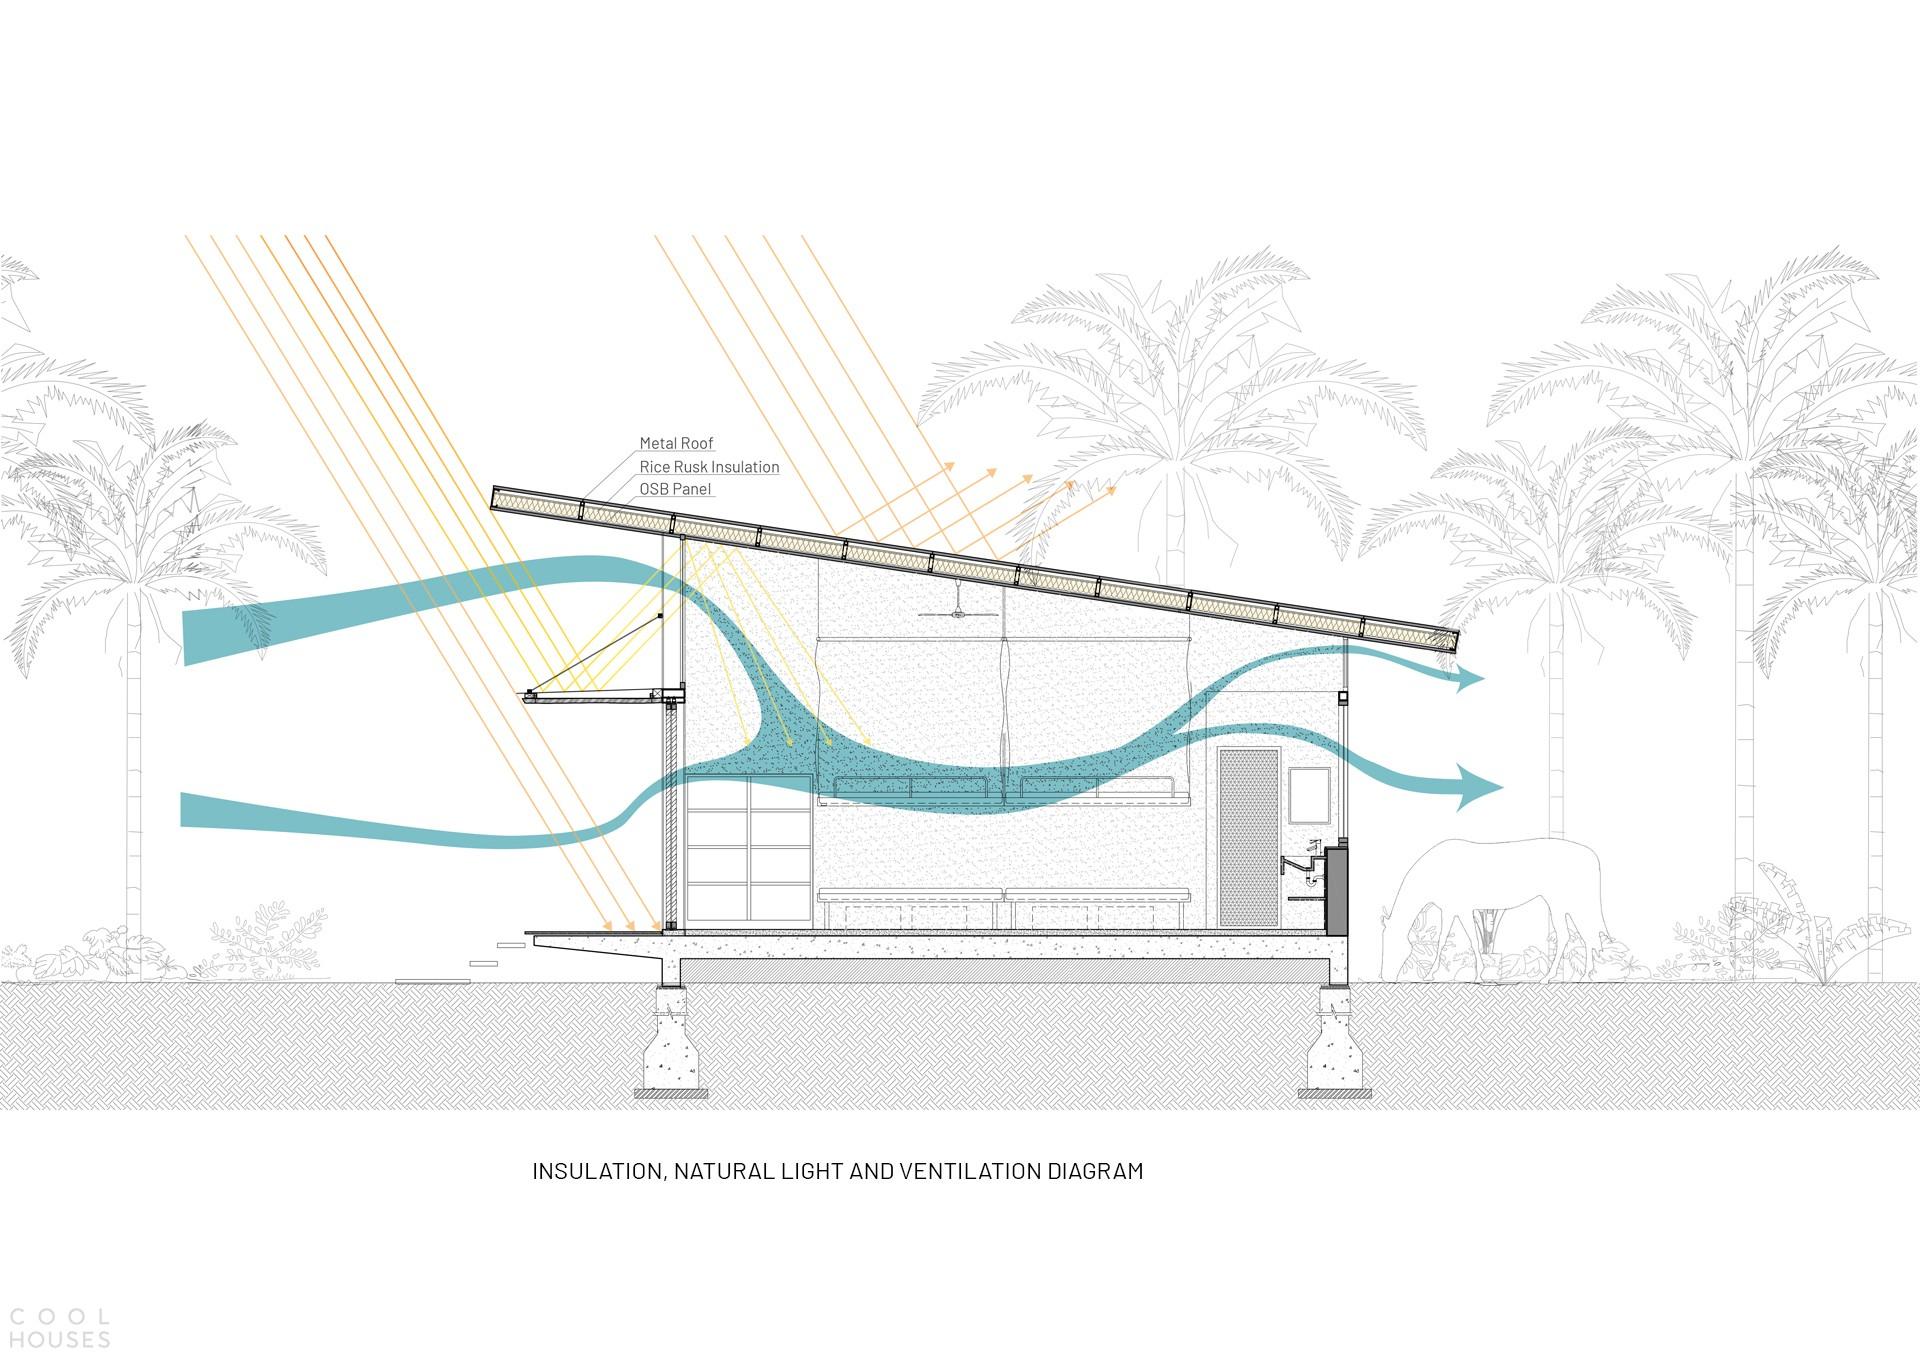 Общежитие с биоклиматическим дизайном, Вьетнам